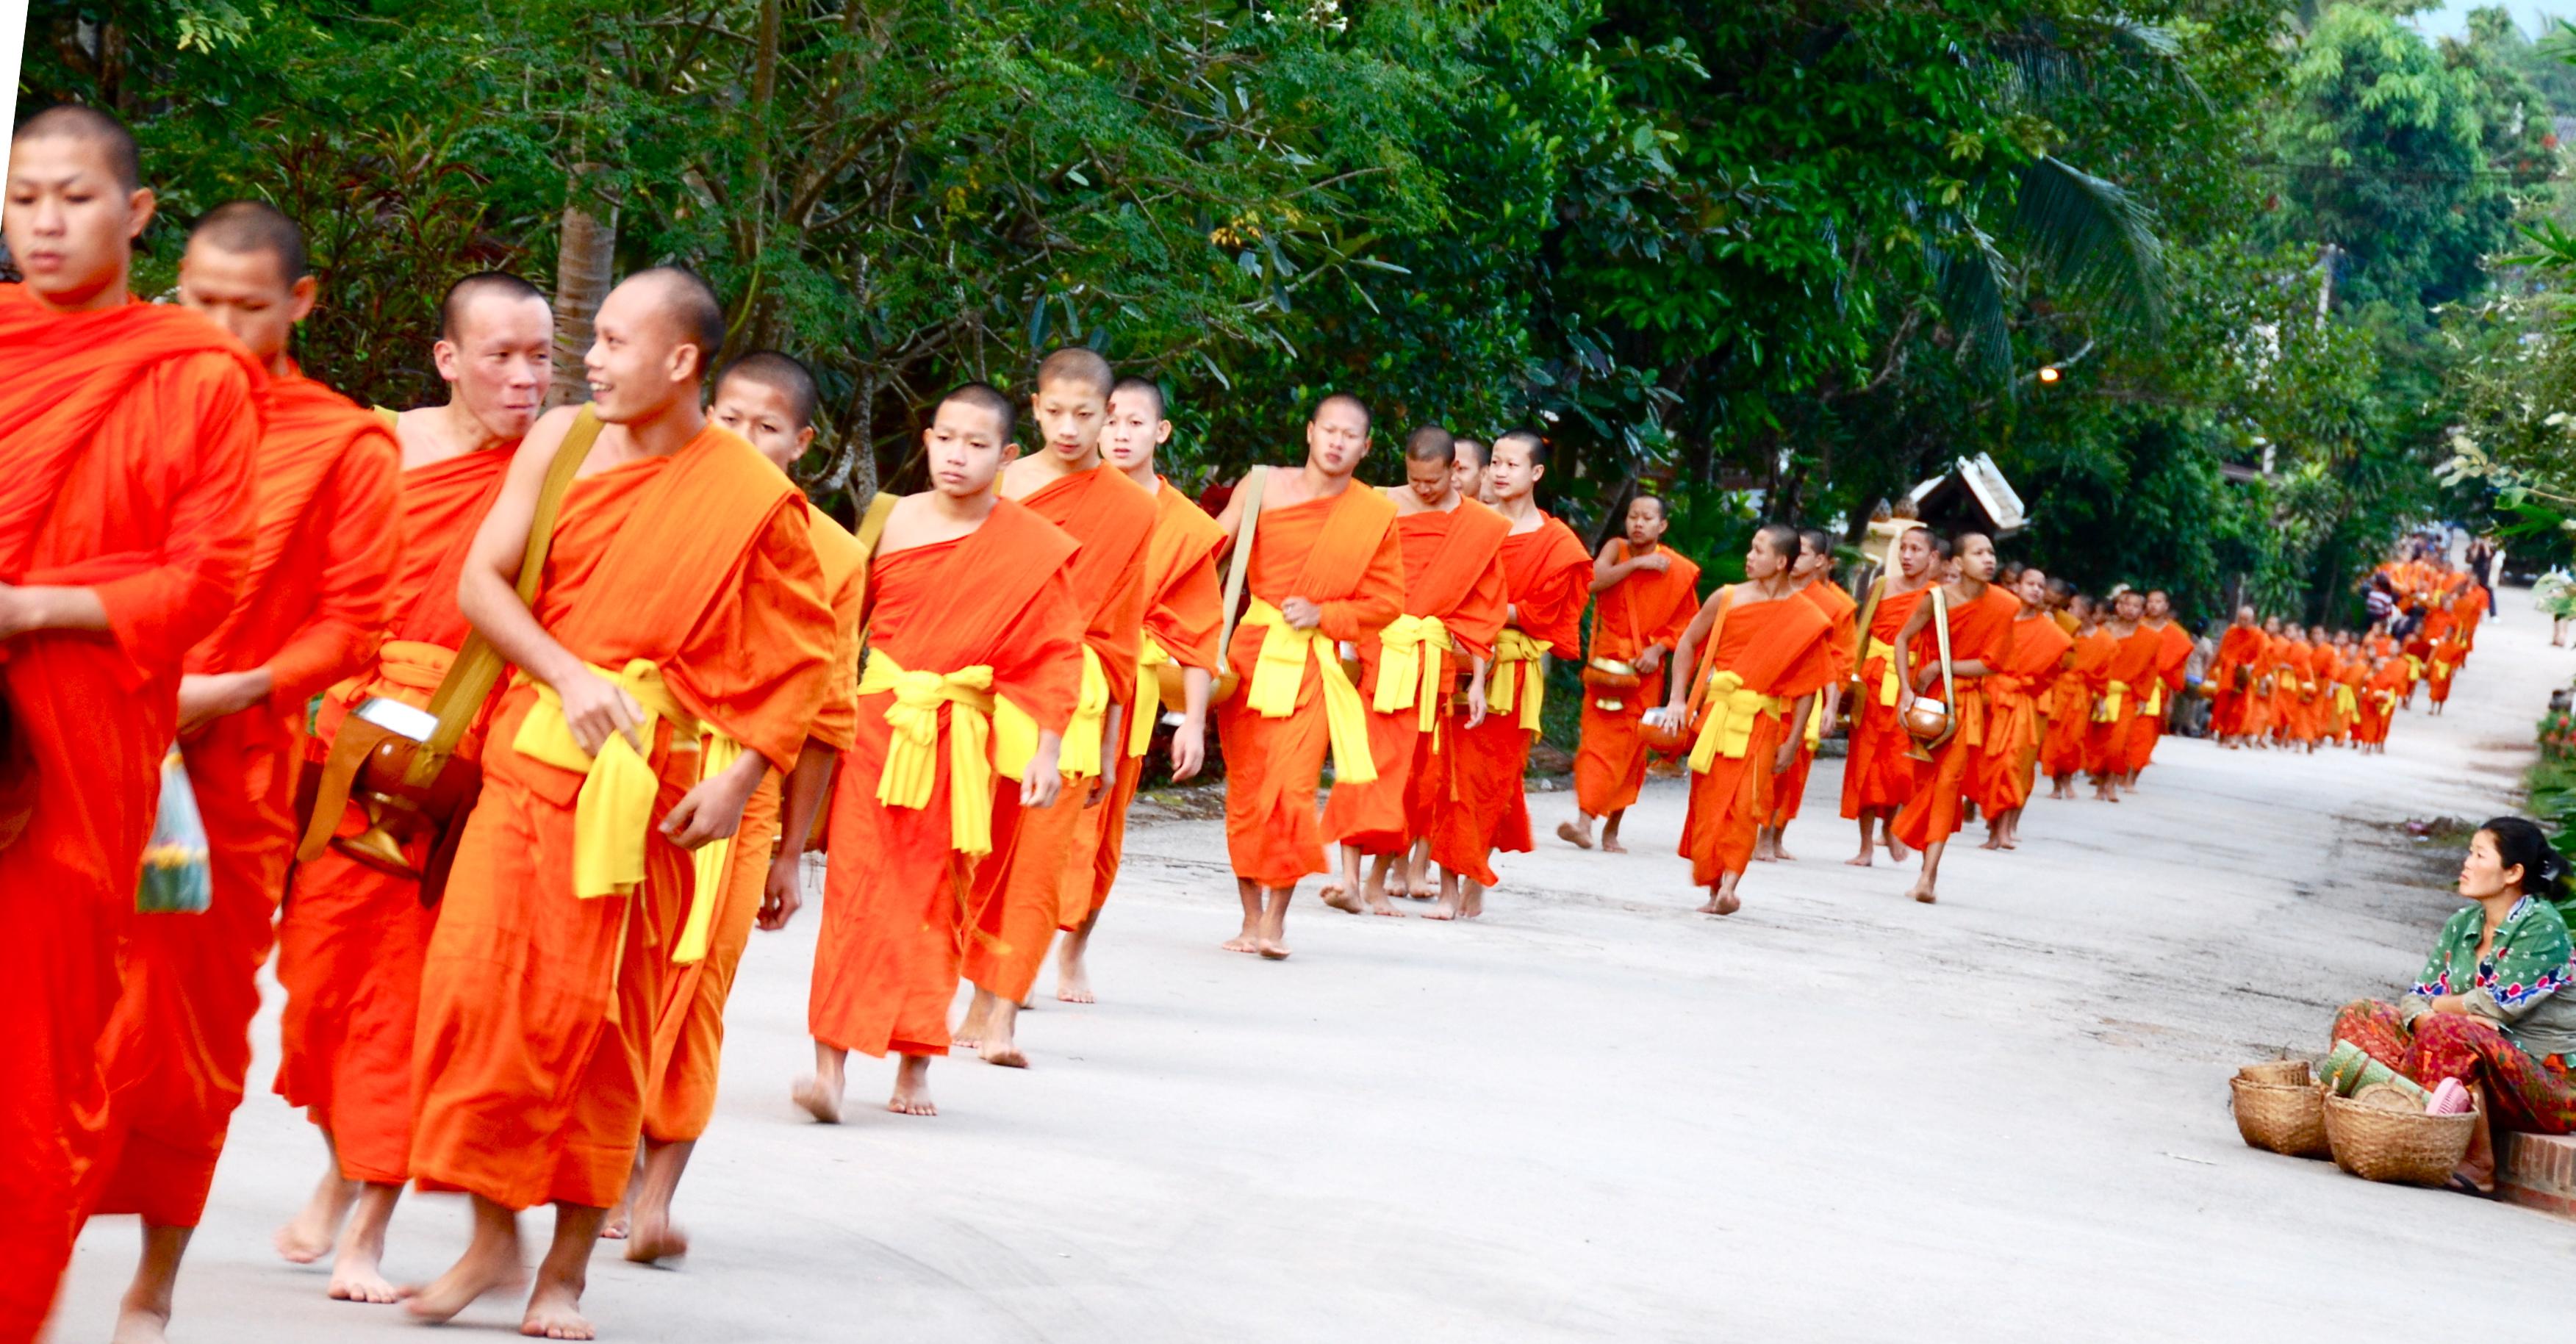 Luang Prabang Gay Scene